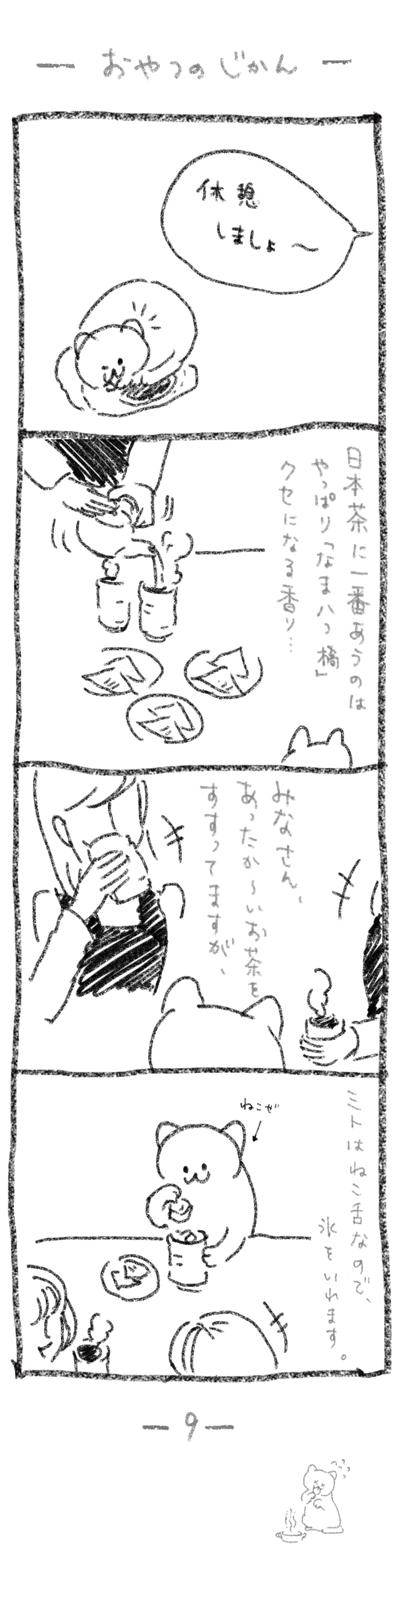 mitomanga_09-12